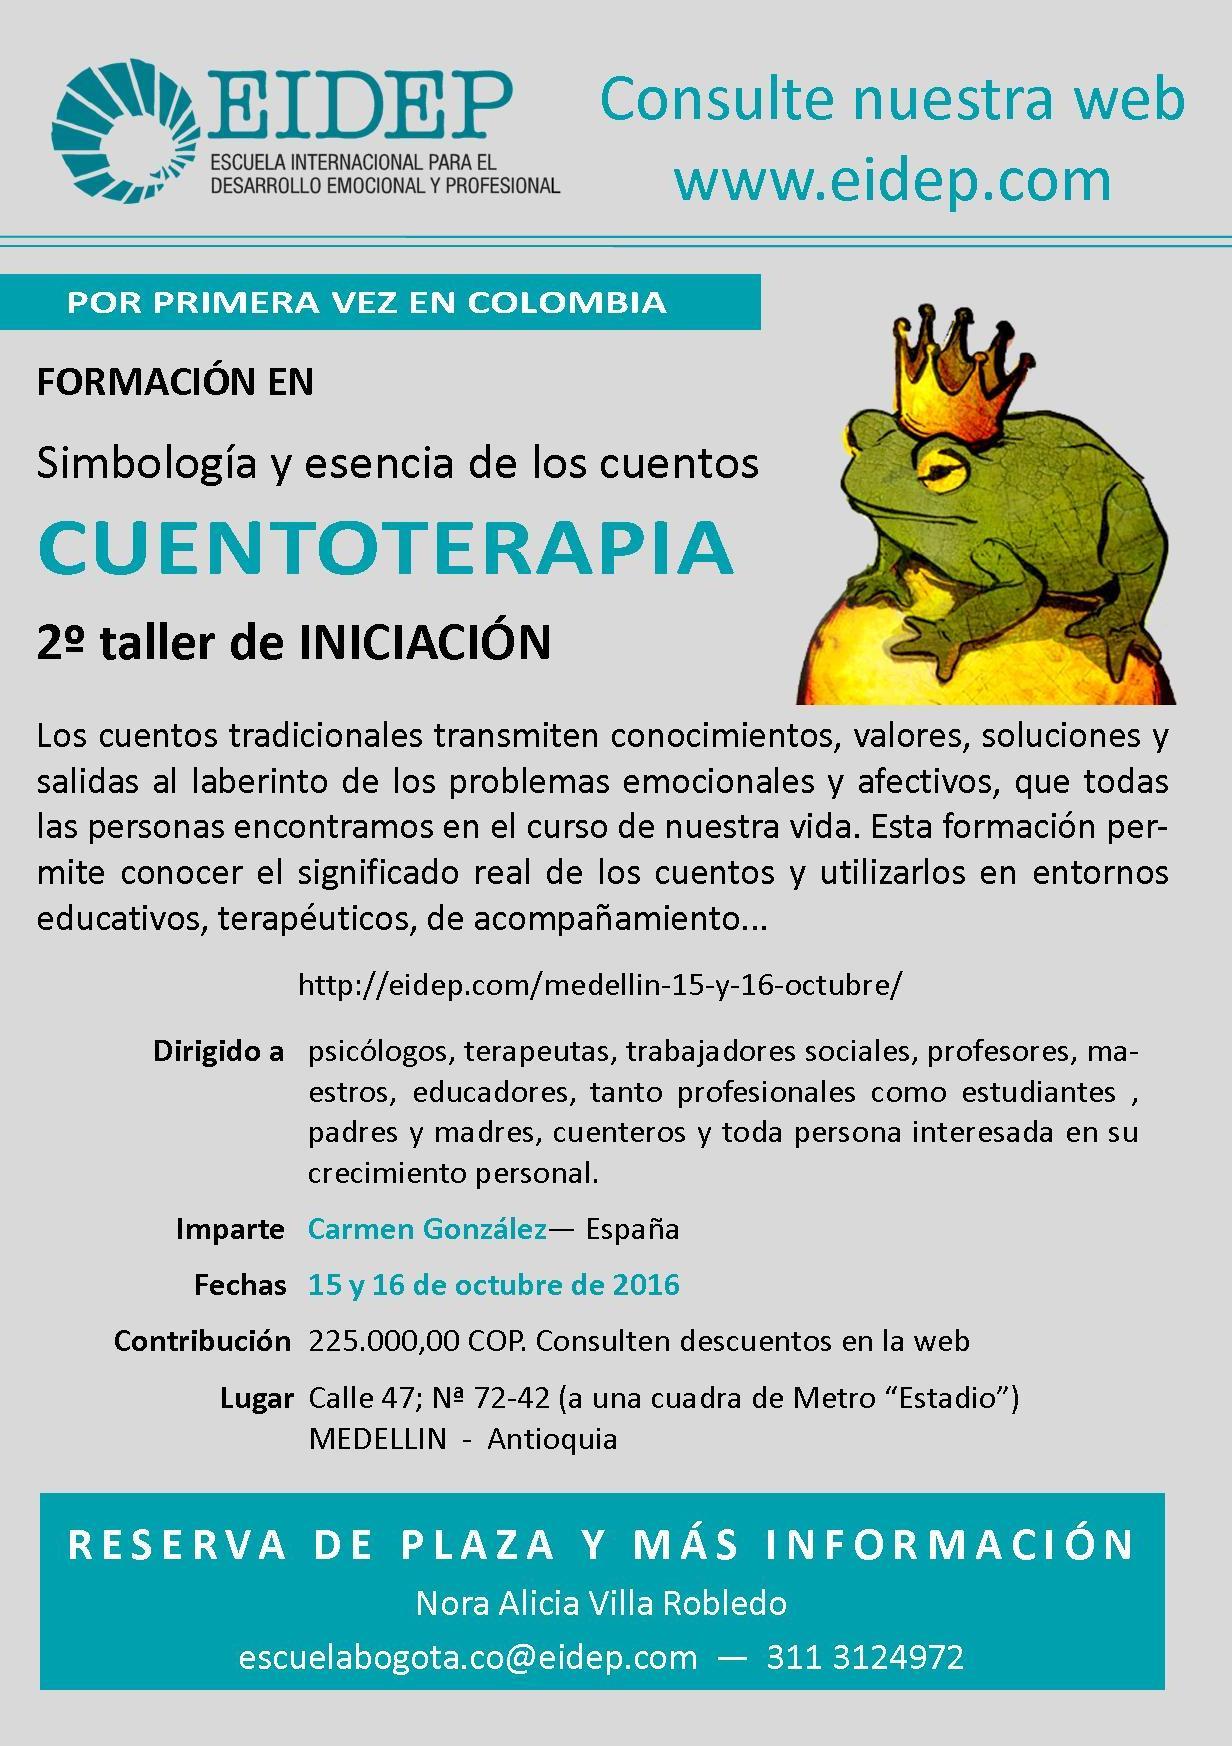 Medellín - 15 y 16 Octubre